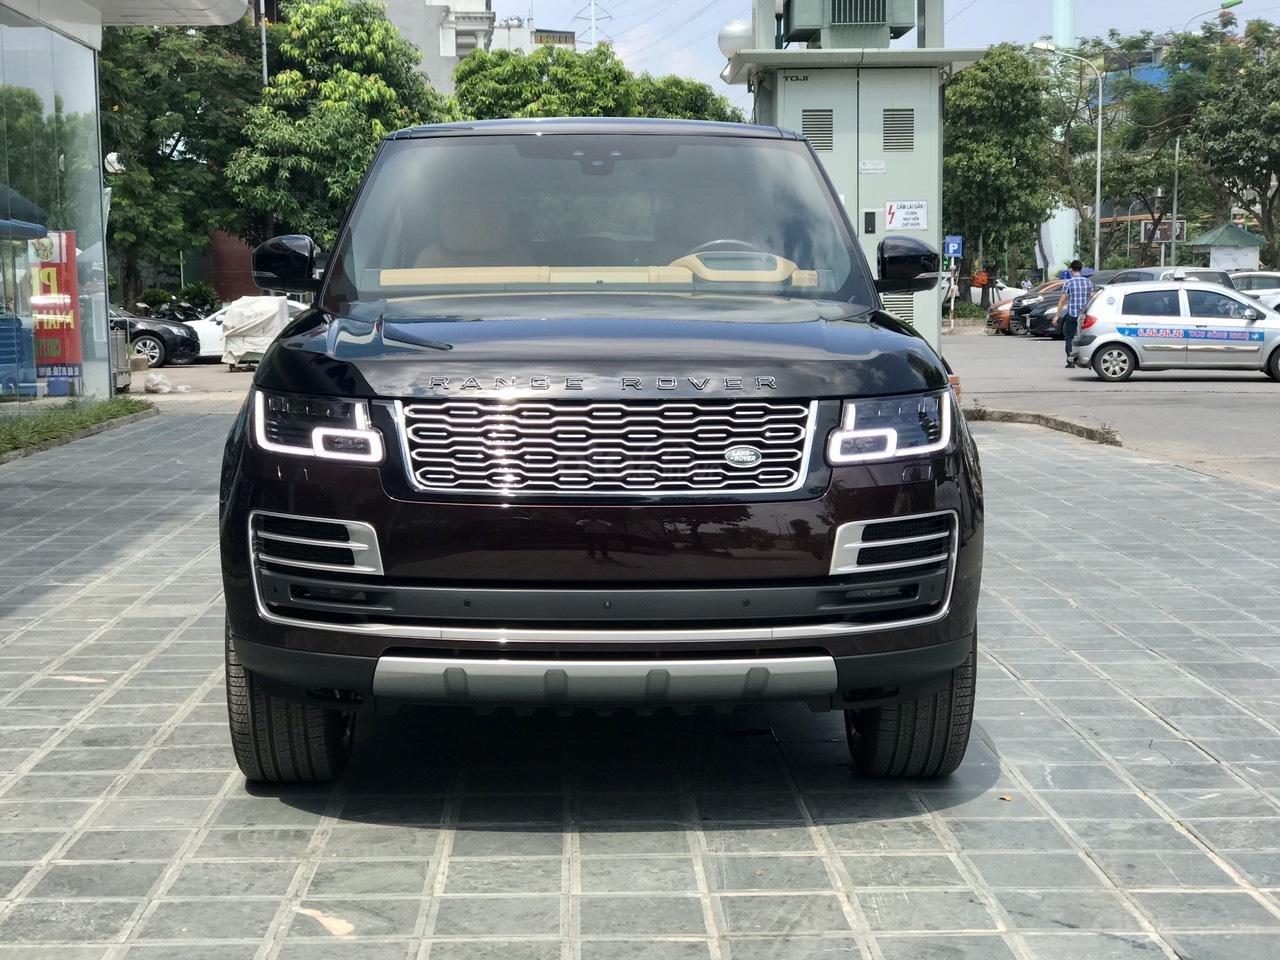 Bán xe Range Rover SV Autobiography 3.0 màu đỏ 2020, xe có sẵn giao ngay toàn quốc, giá tốt LH Ms Hương (3)